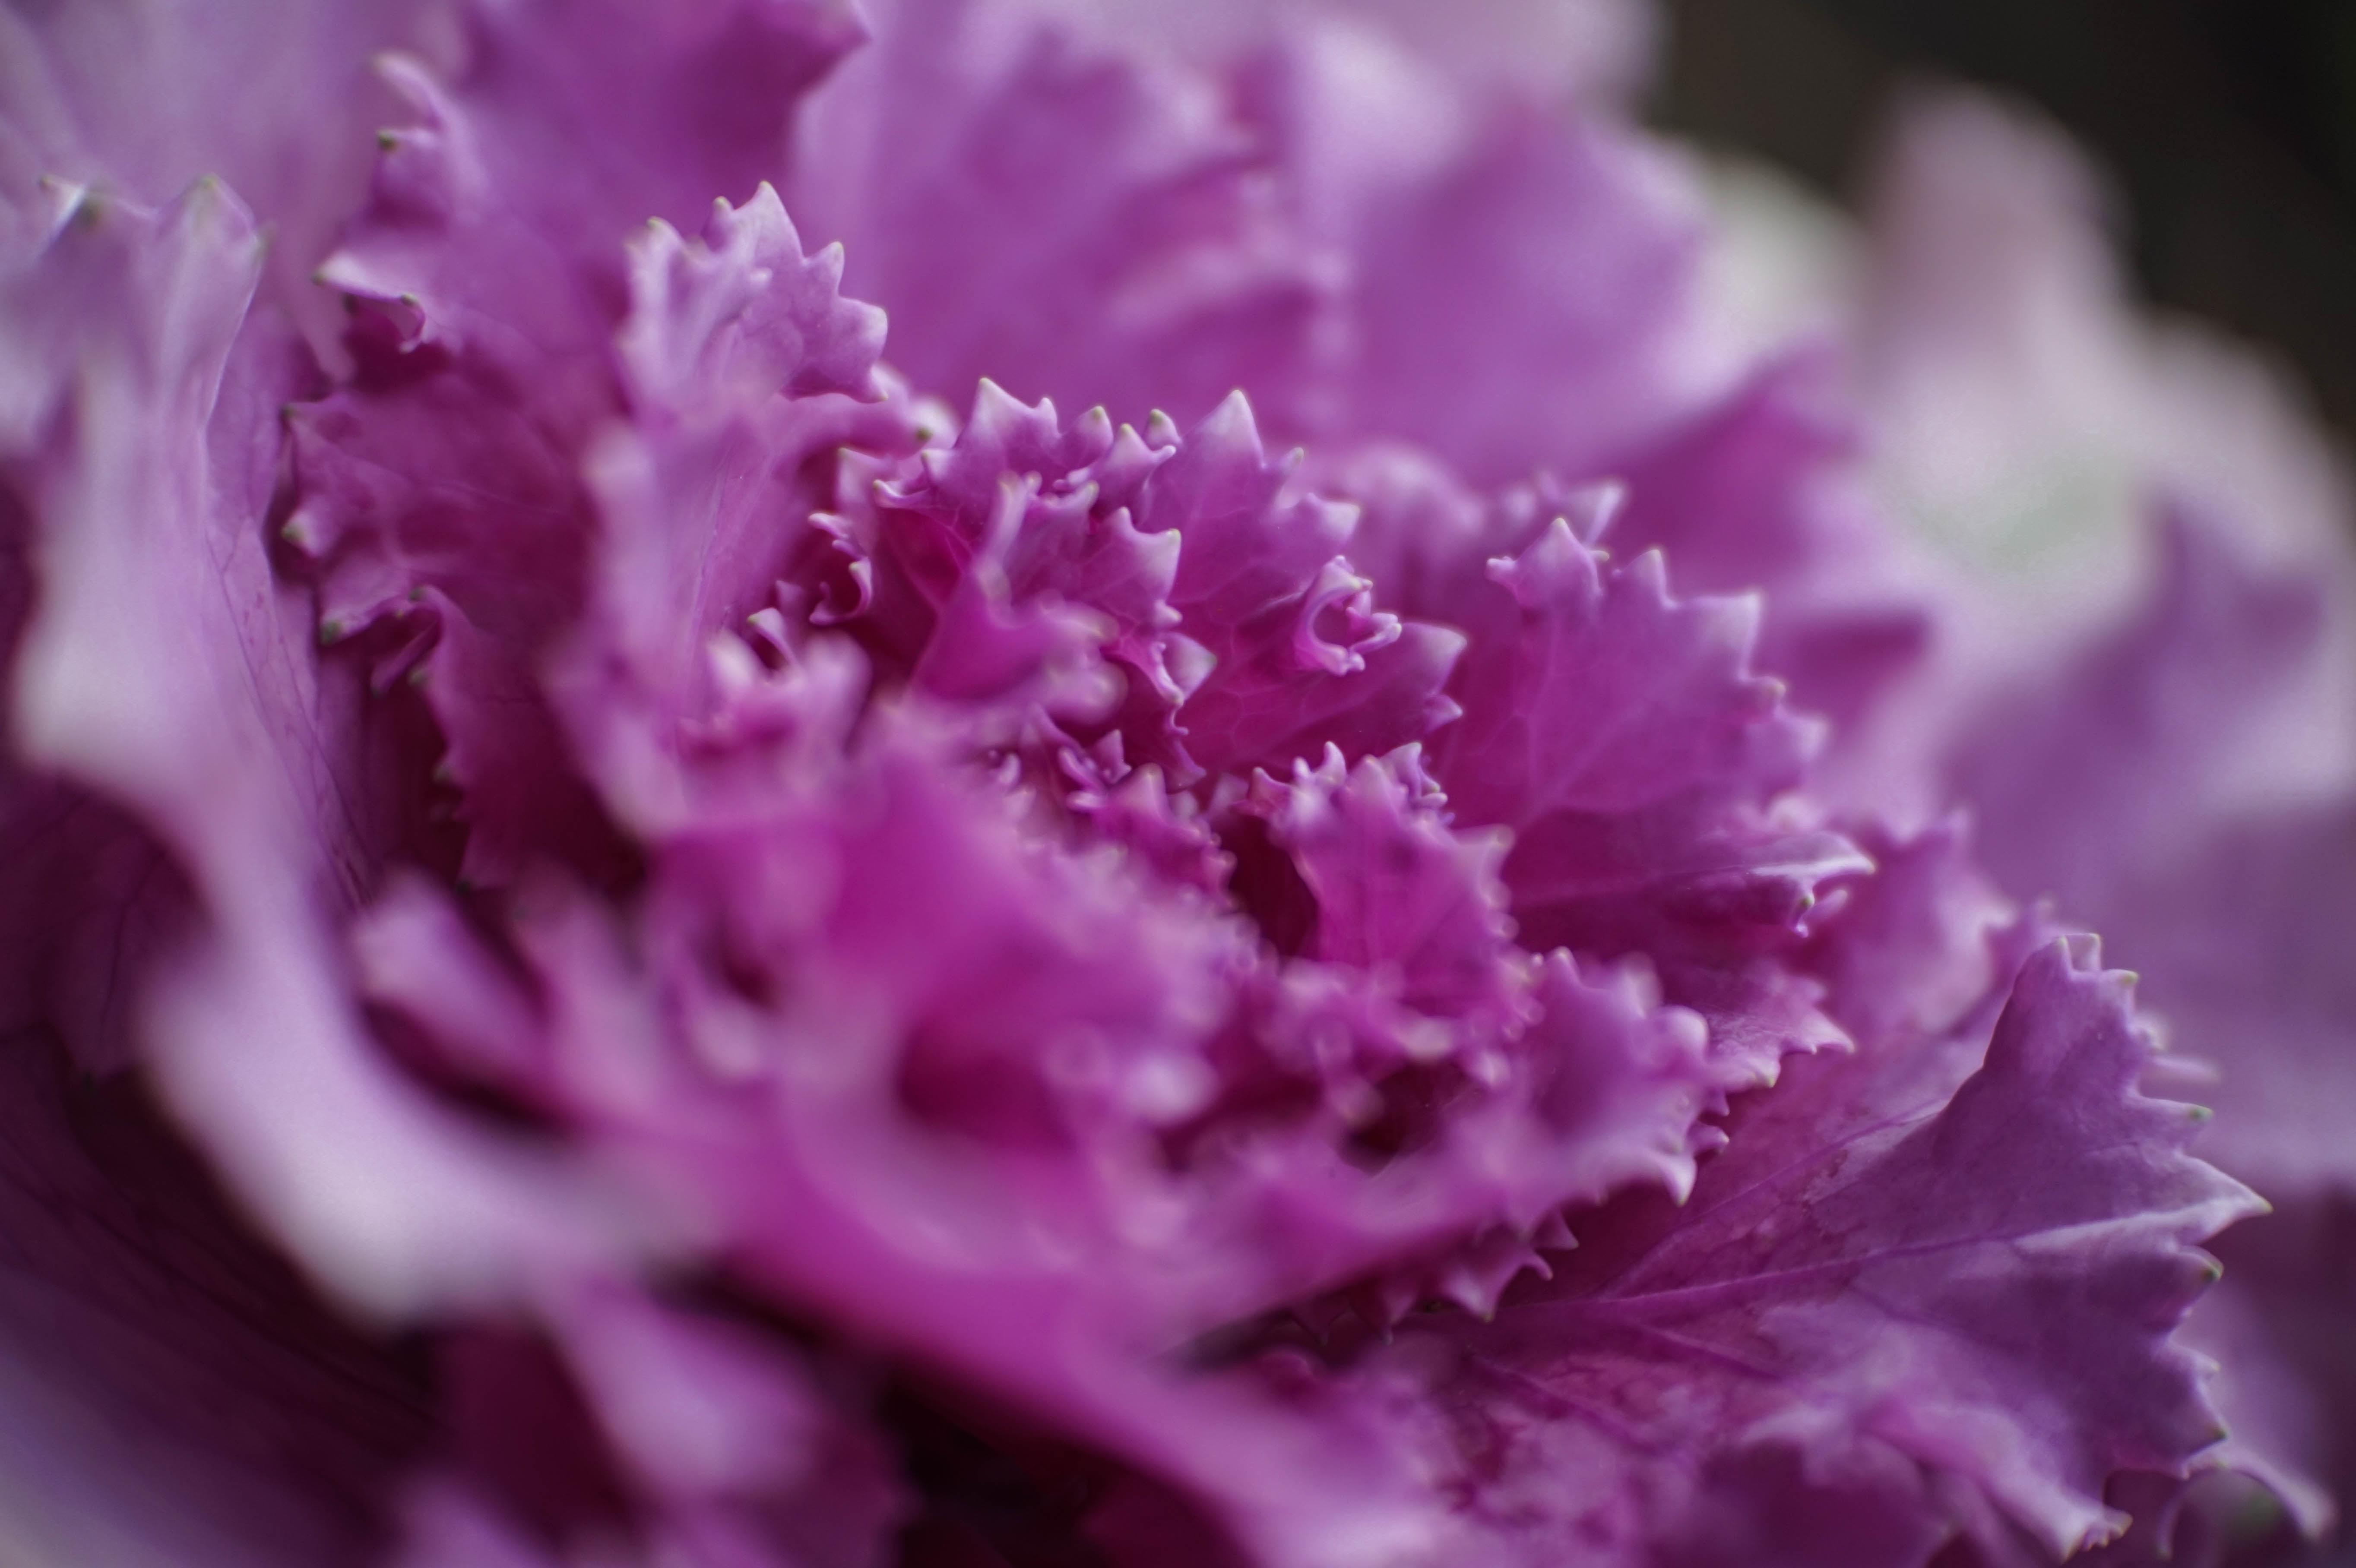 purplepetaled flower